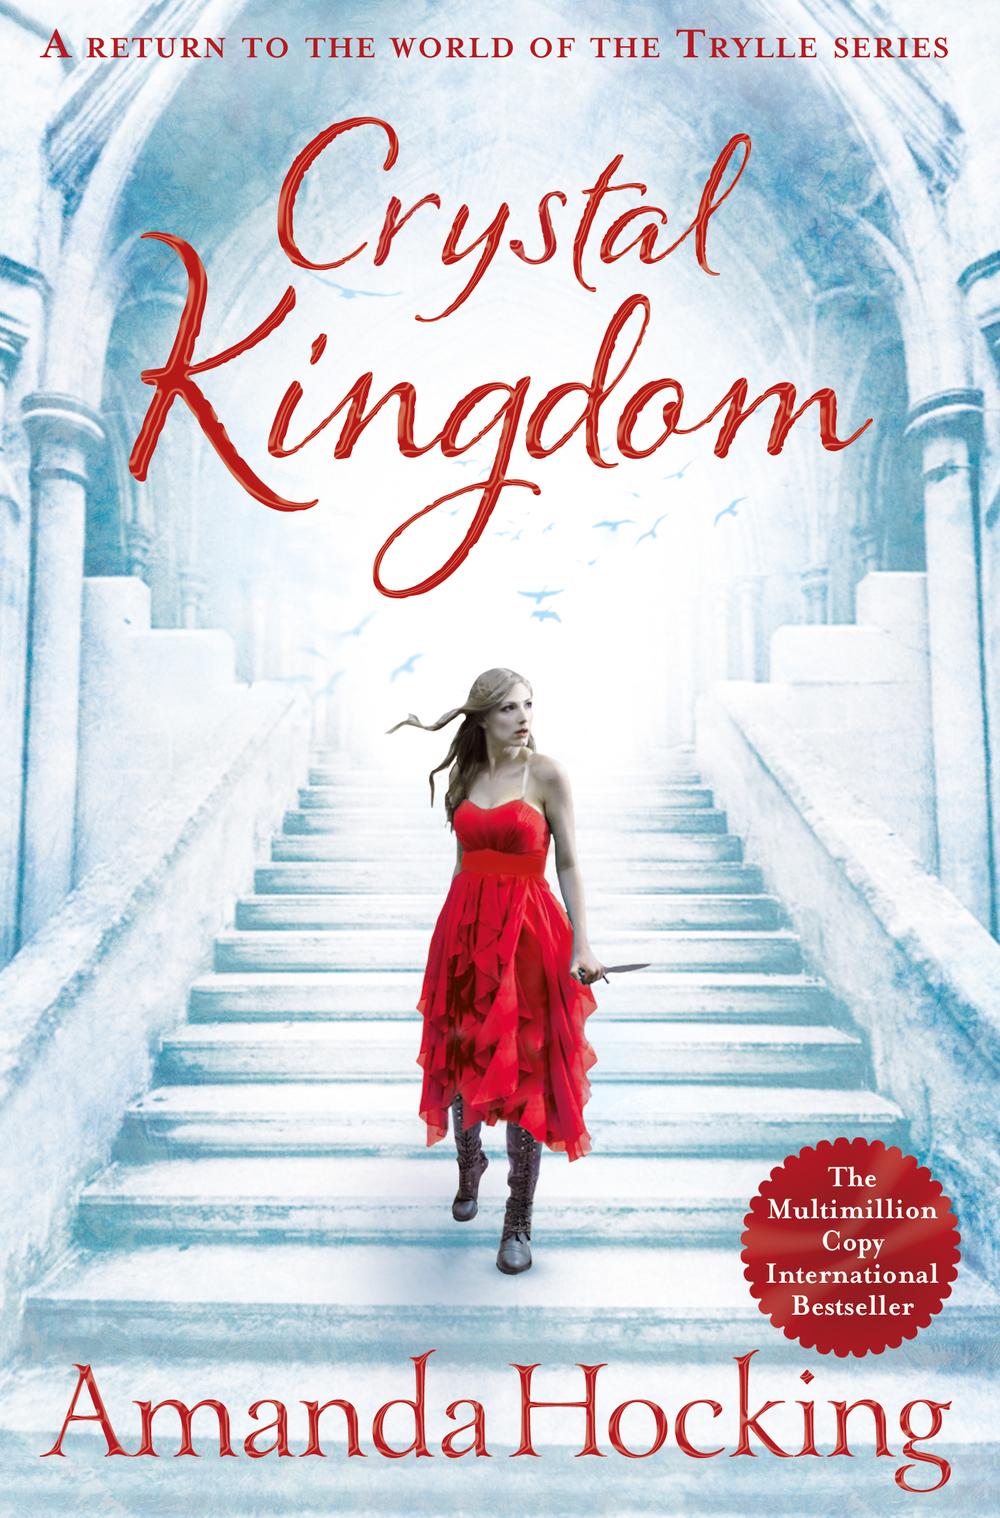 Crystal Kingdom by Amanda Hocking - August 2015